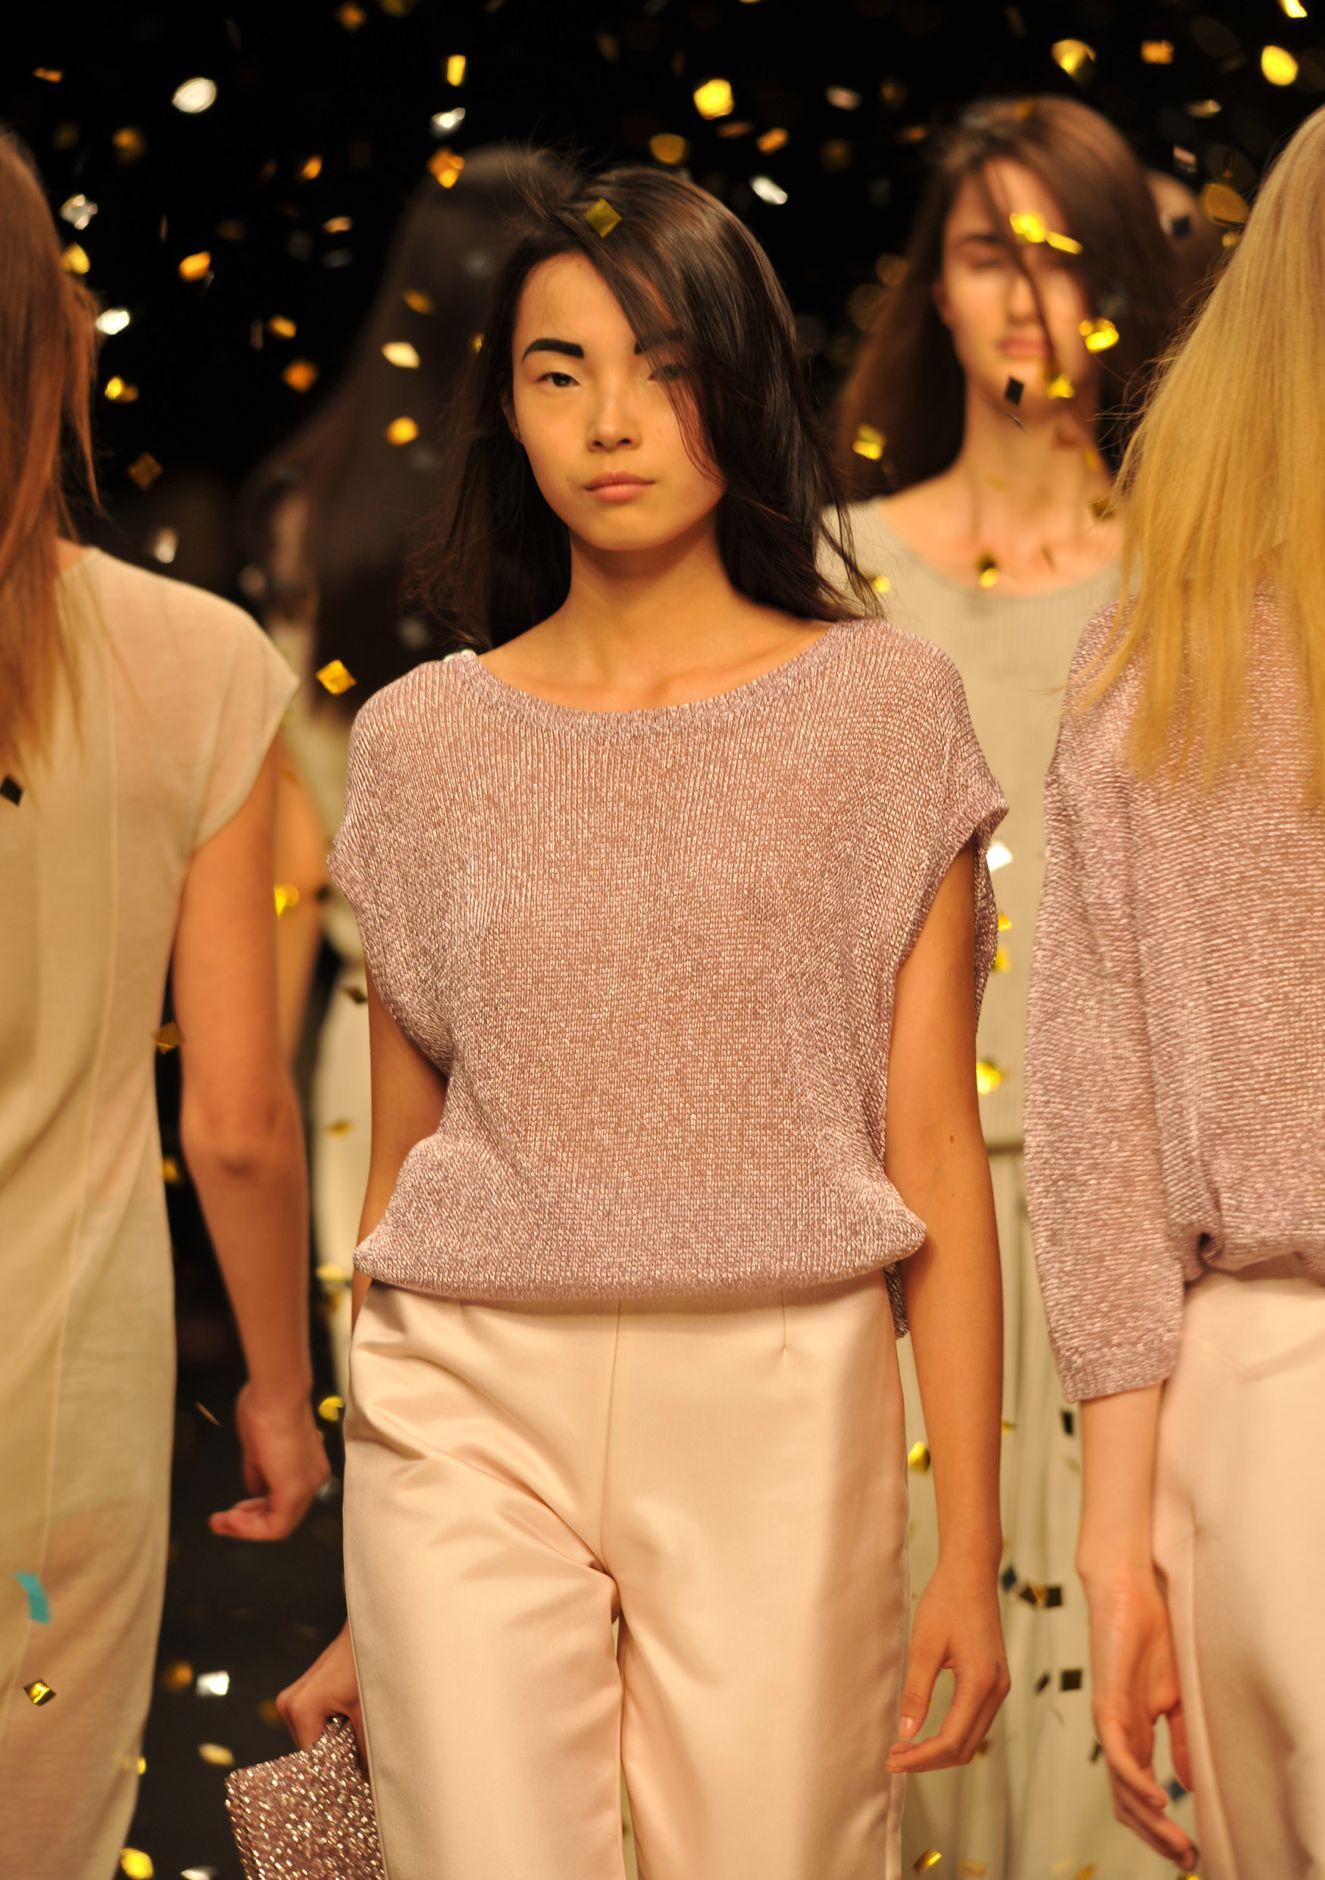 Anteprima Runway Finale Milan Fashion Week